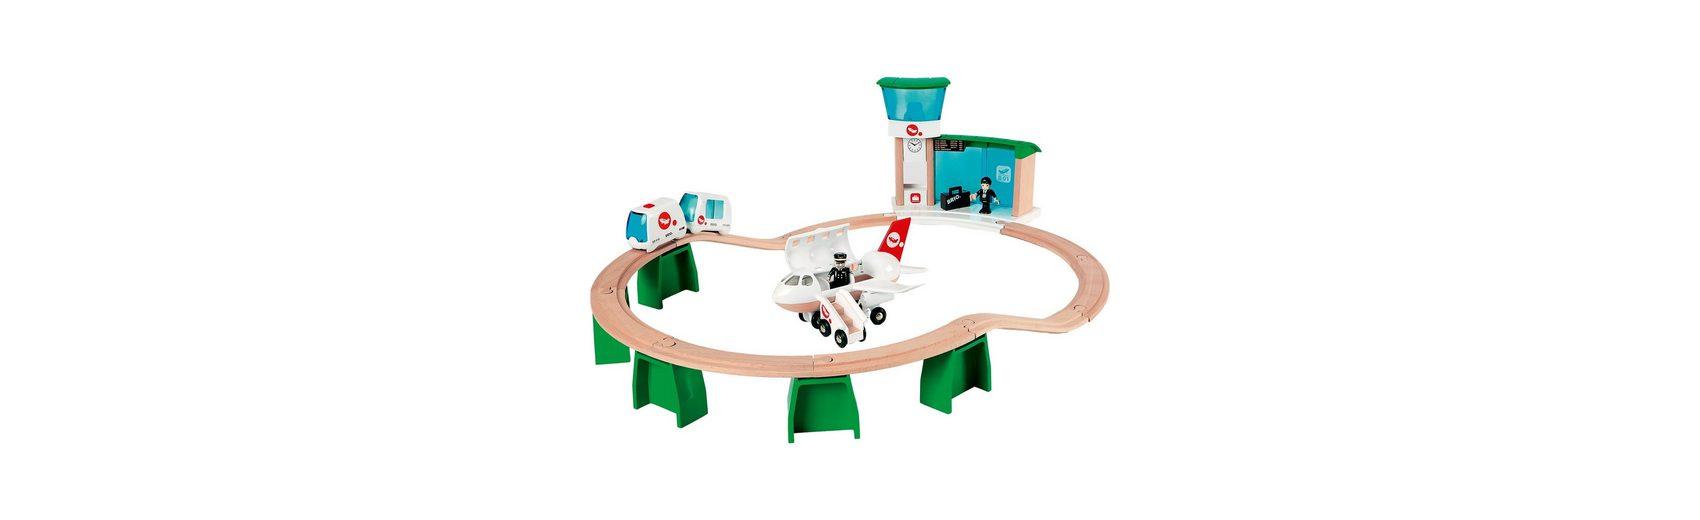 BRIO 33301 Monorail Flughafen Set